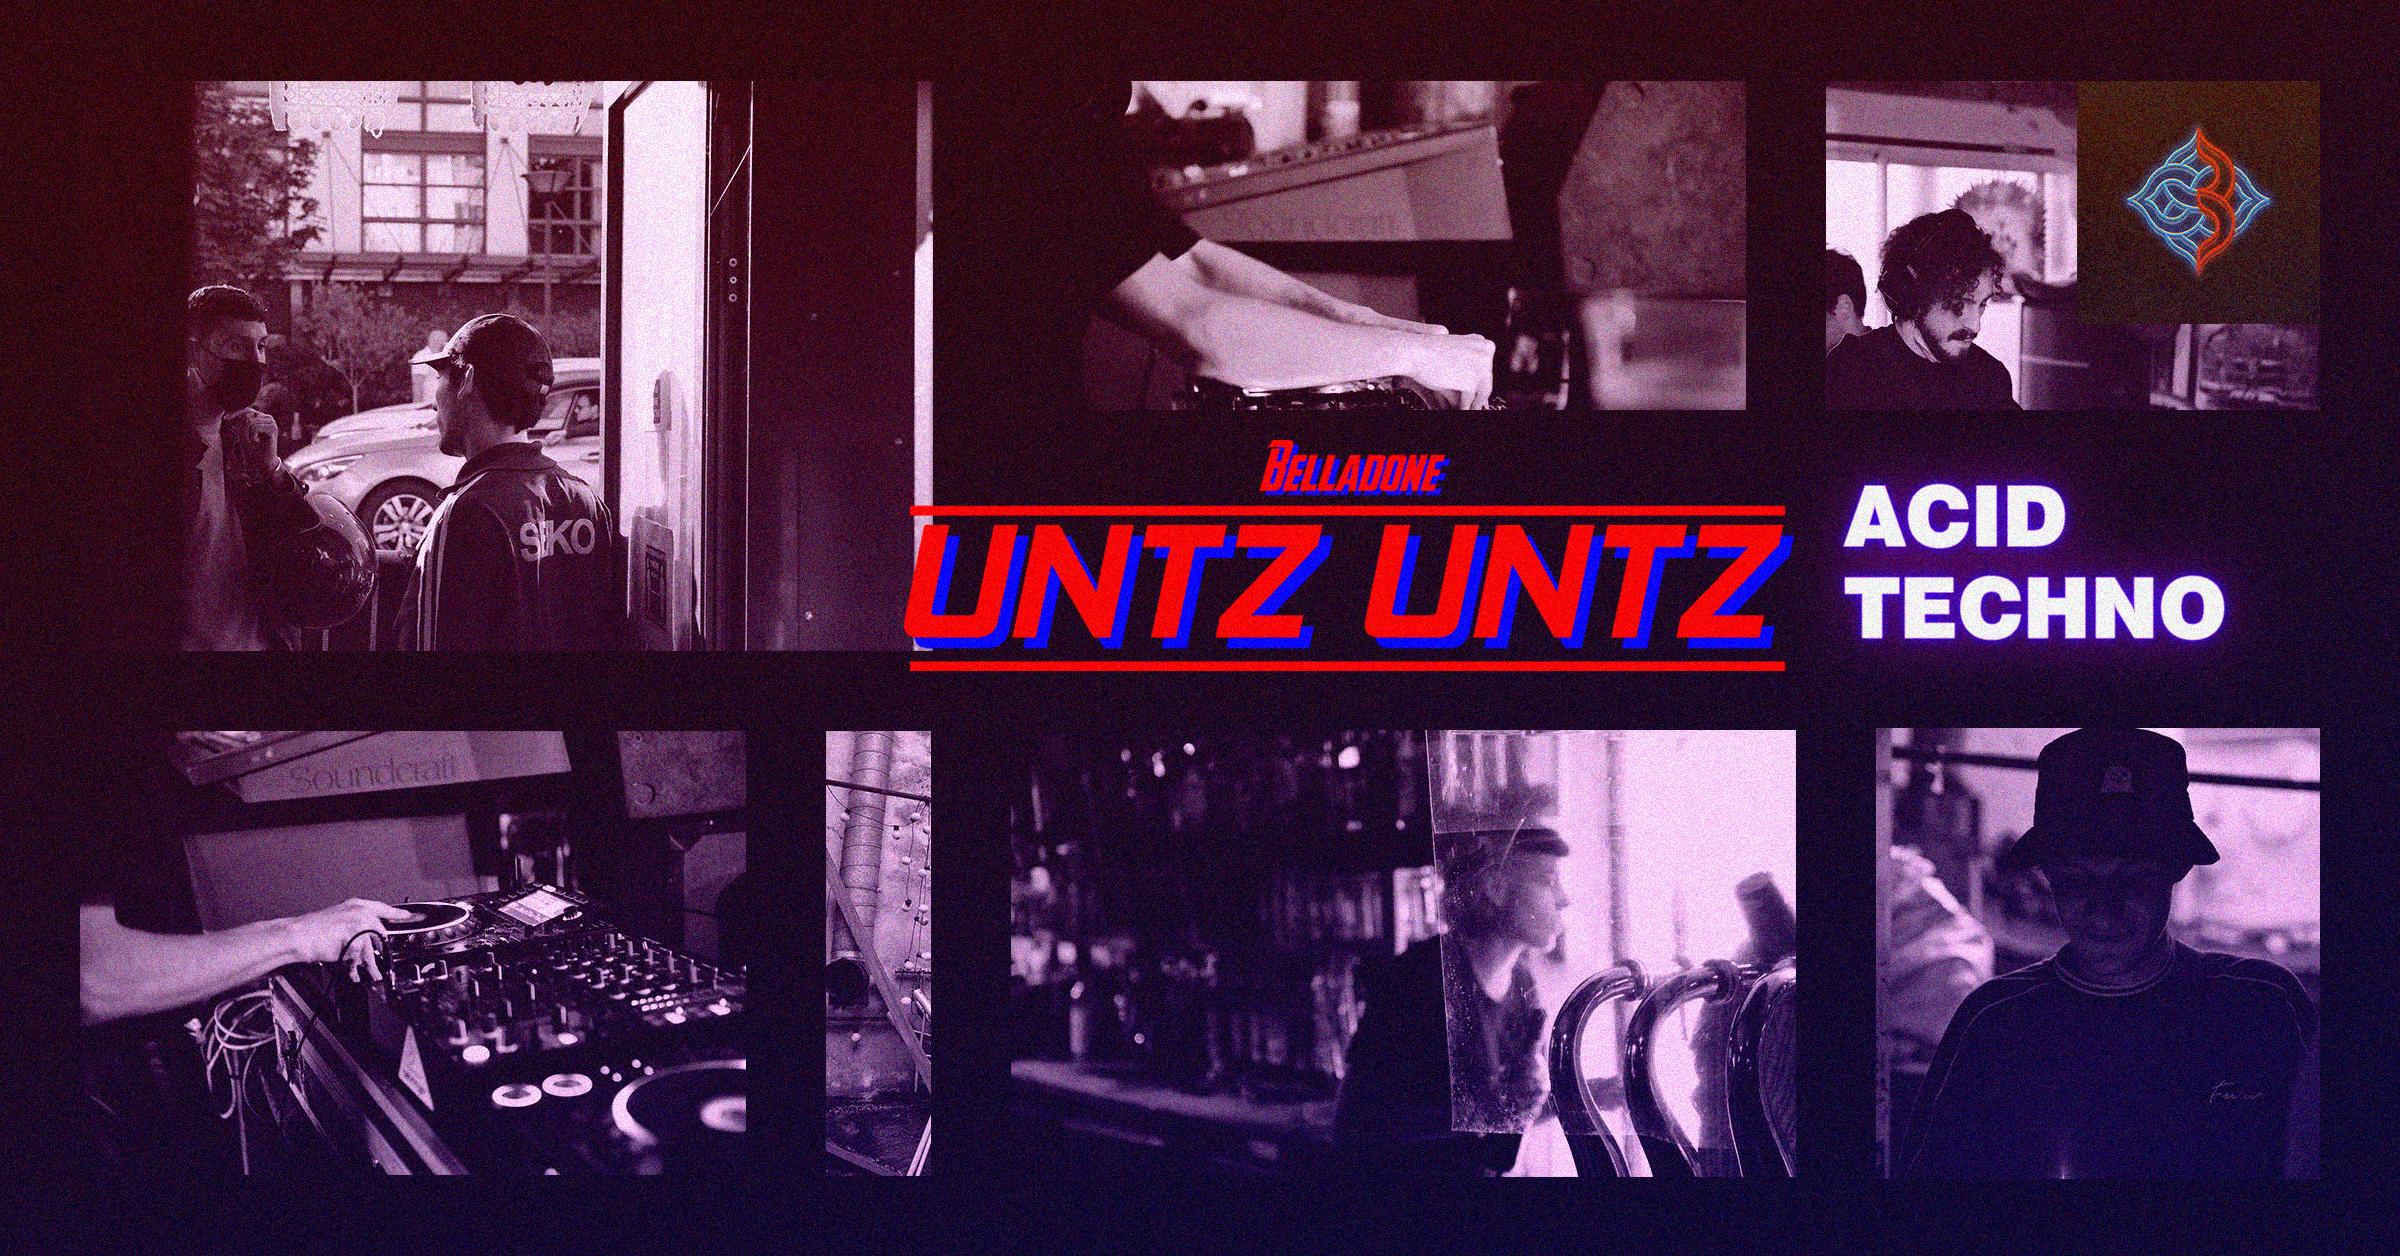 ____untz untz____ #1